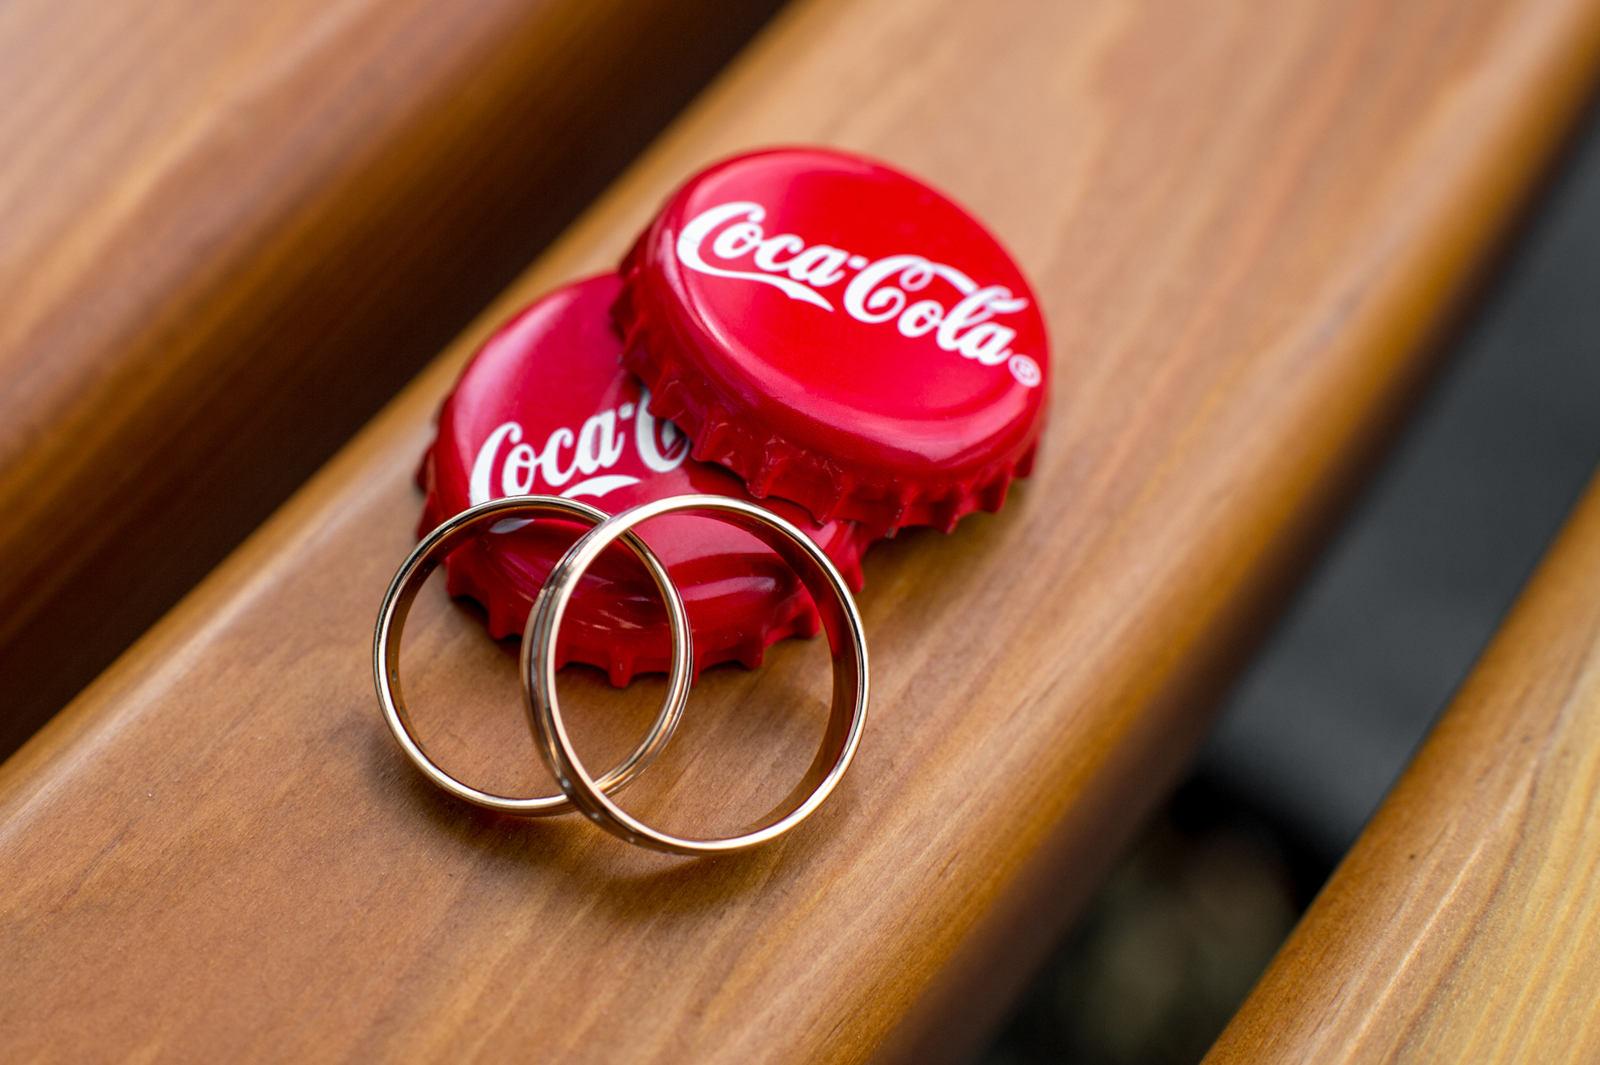 кольца и coca-cola